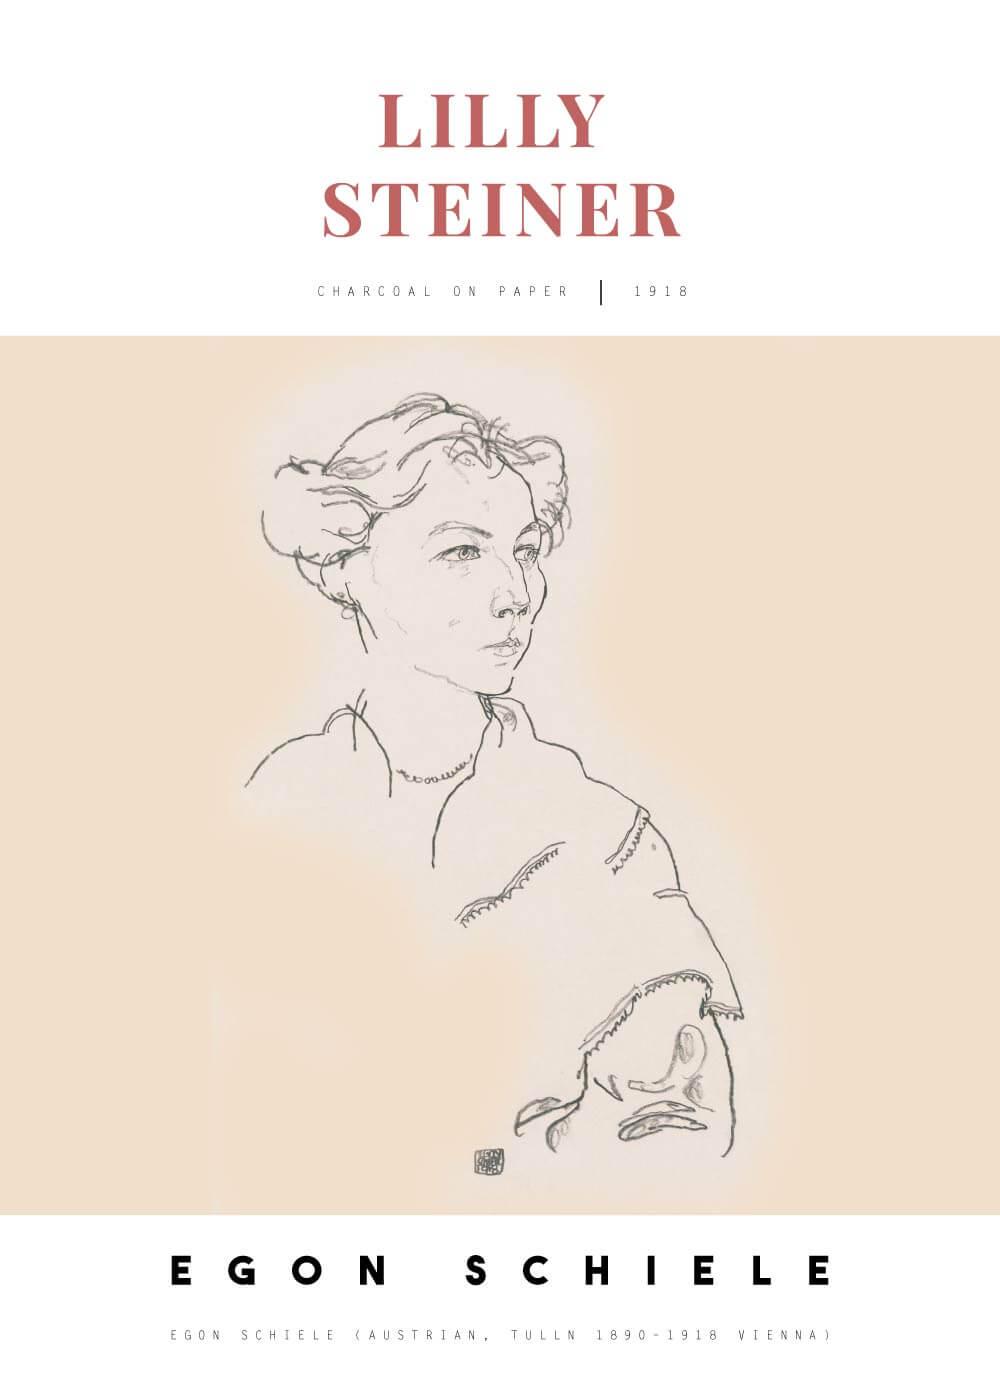 Lilly Steiner - Egon Schiele